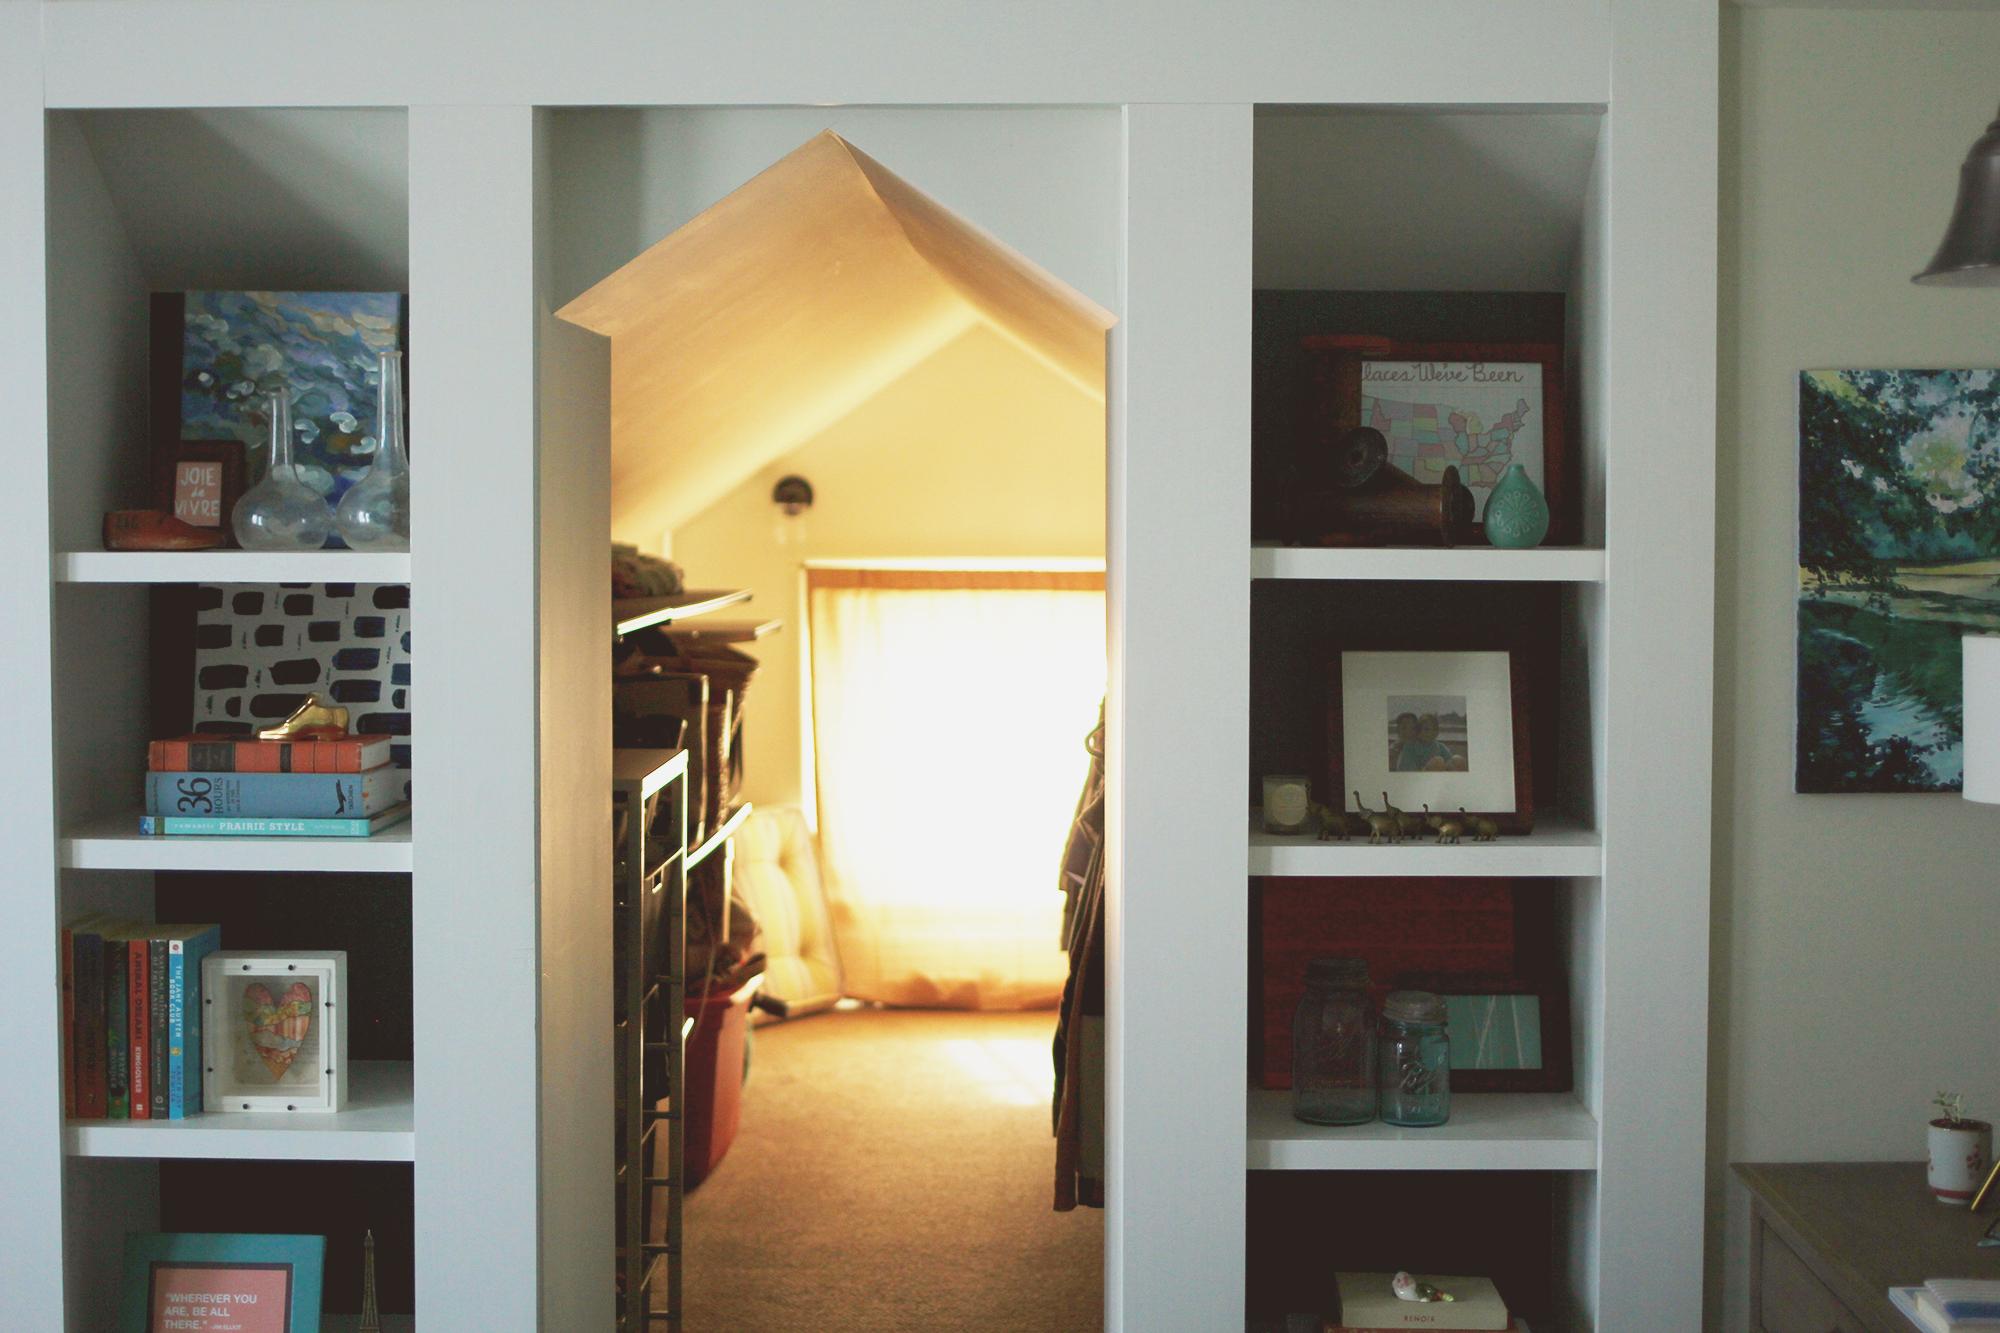 jo-torrijos-a-simpler-design-atlanta-interior-design-ajc-master-bedroom-styled-26.jpg